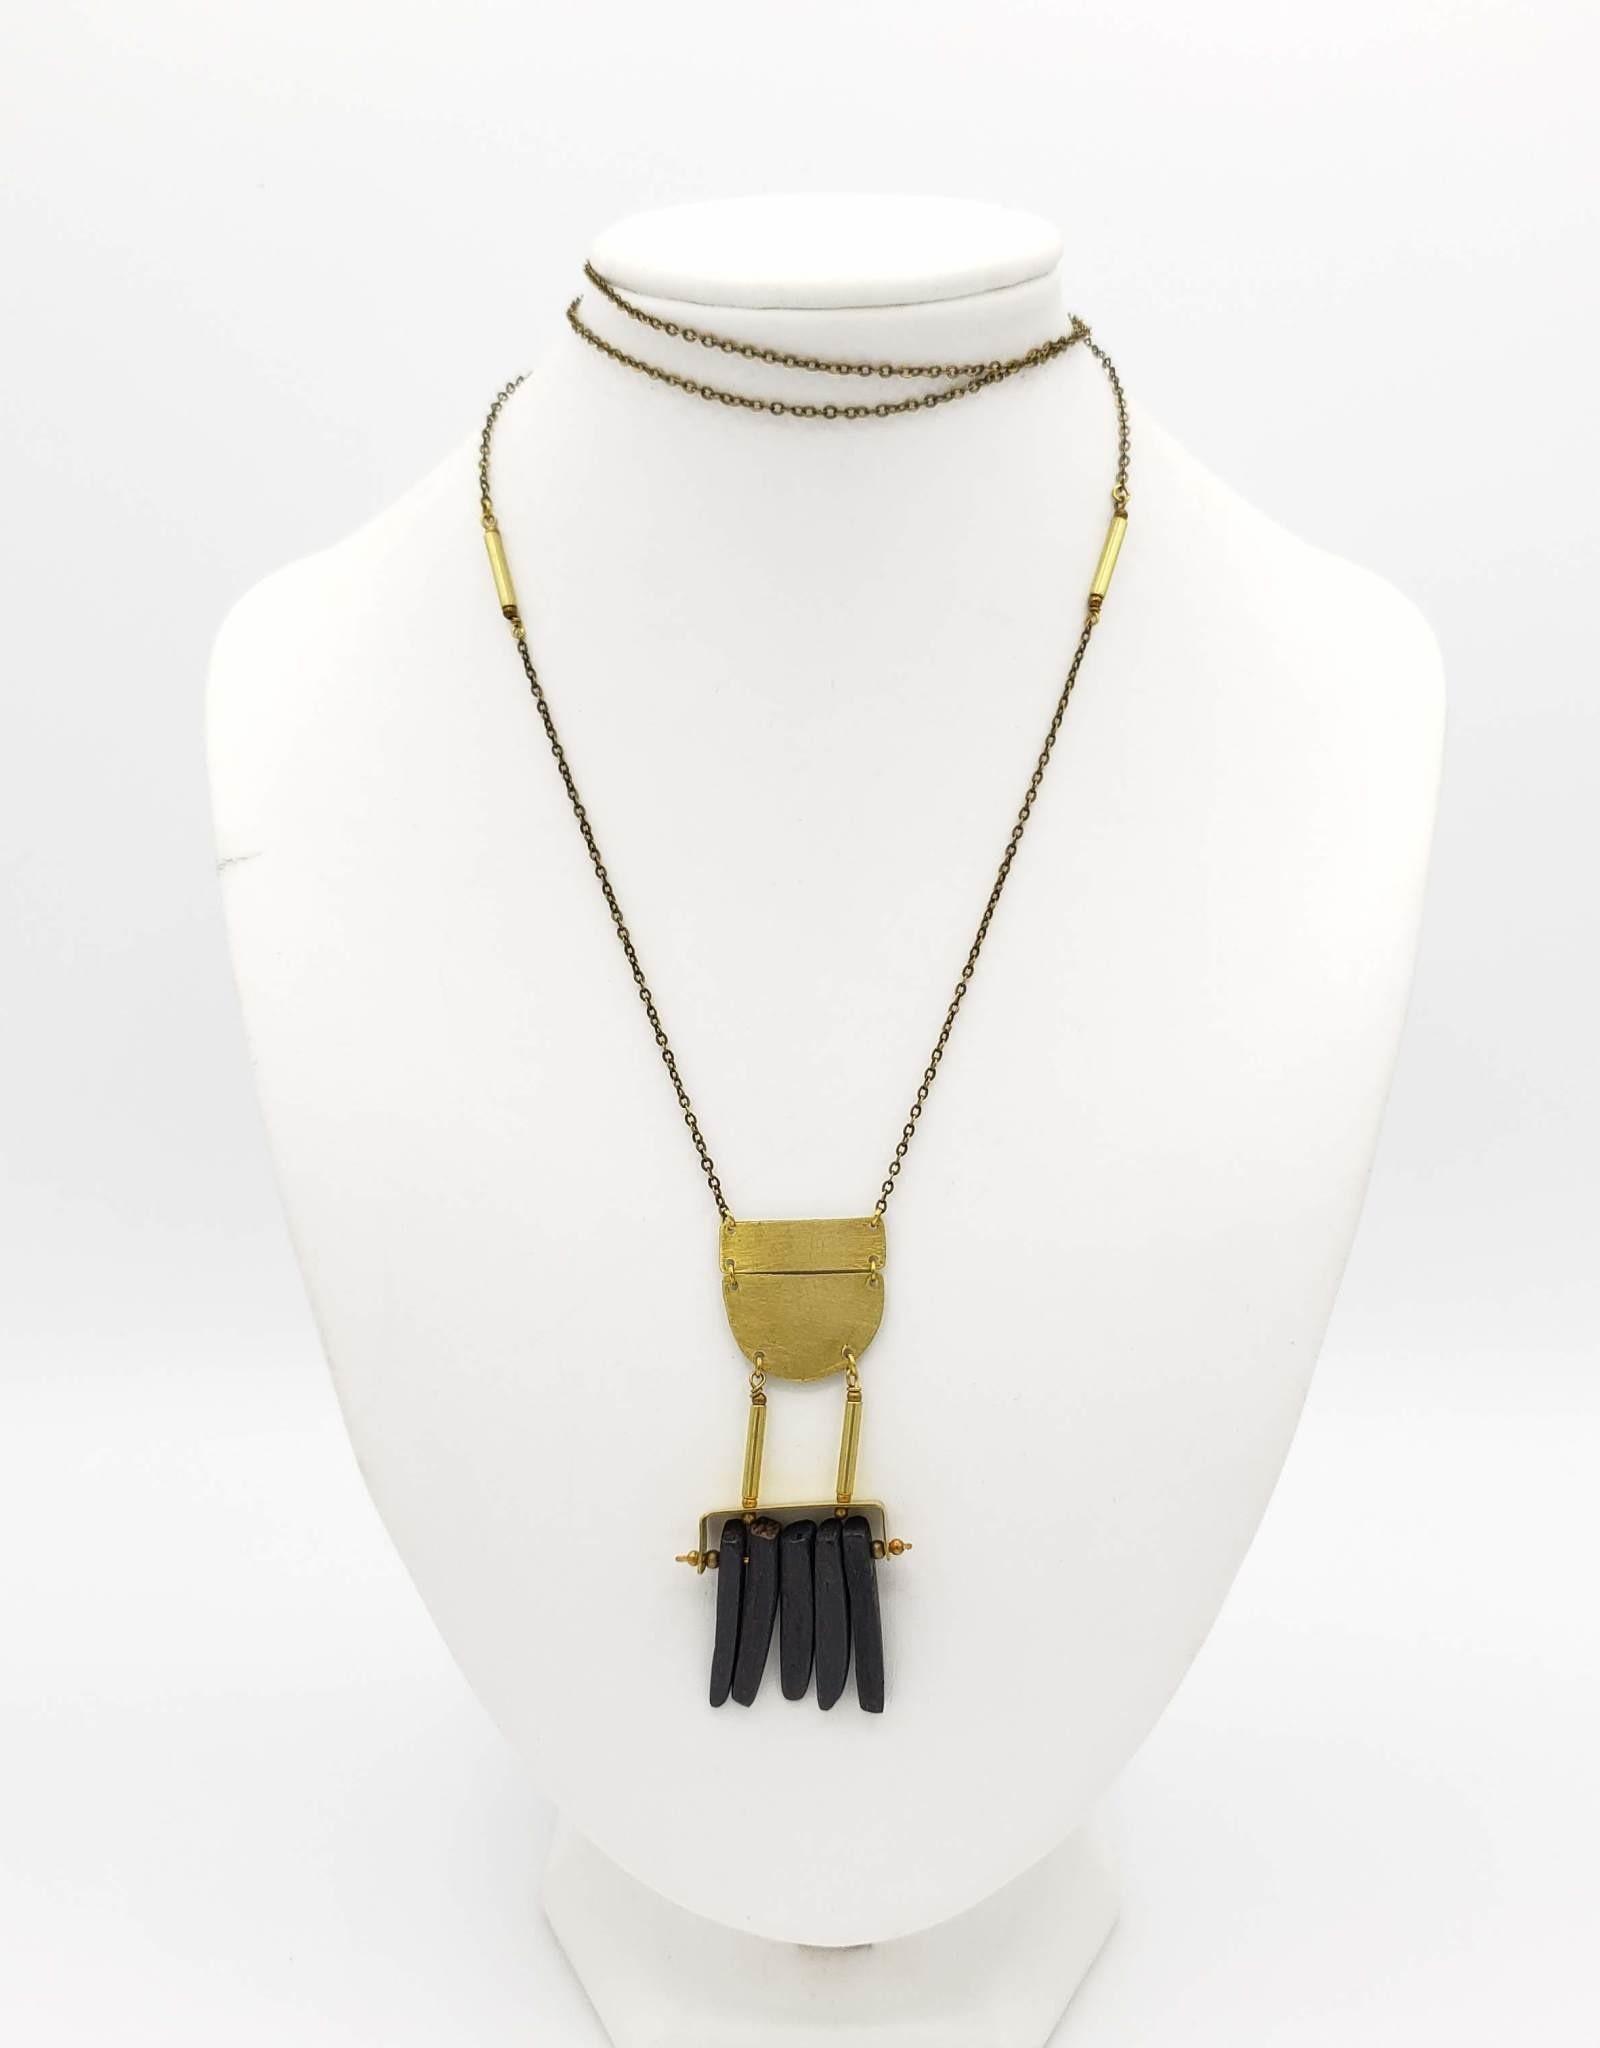 Jenevier Blaine Brass Shield & Black Coconut Shell Necklace